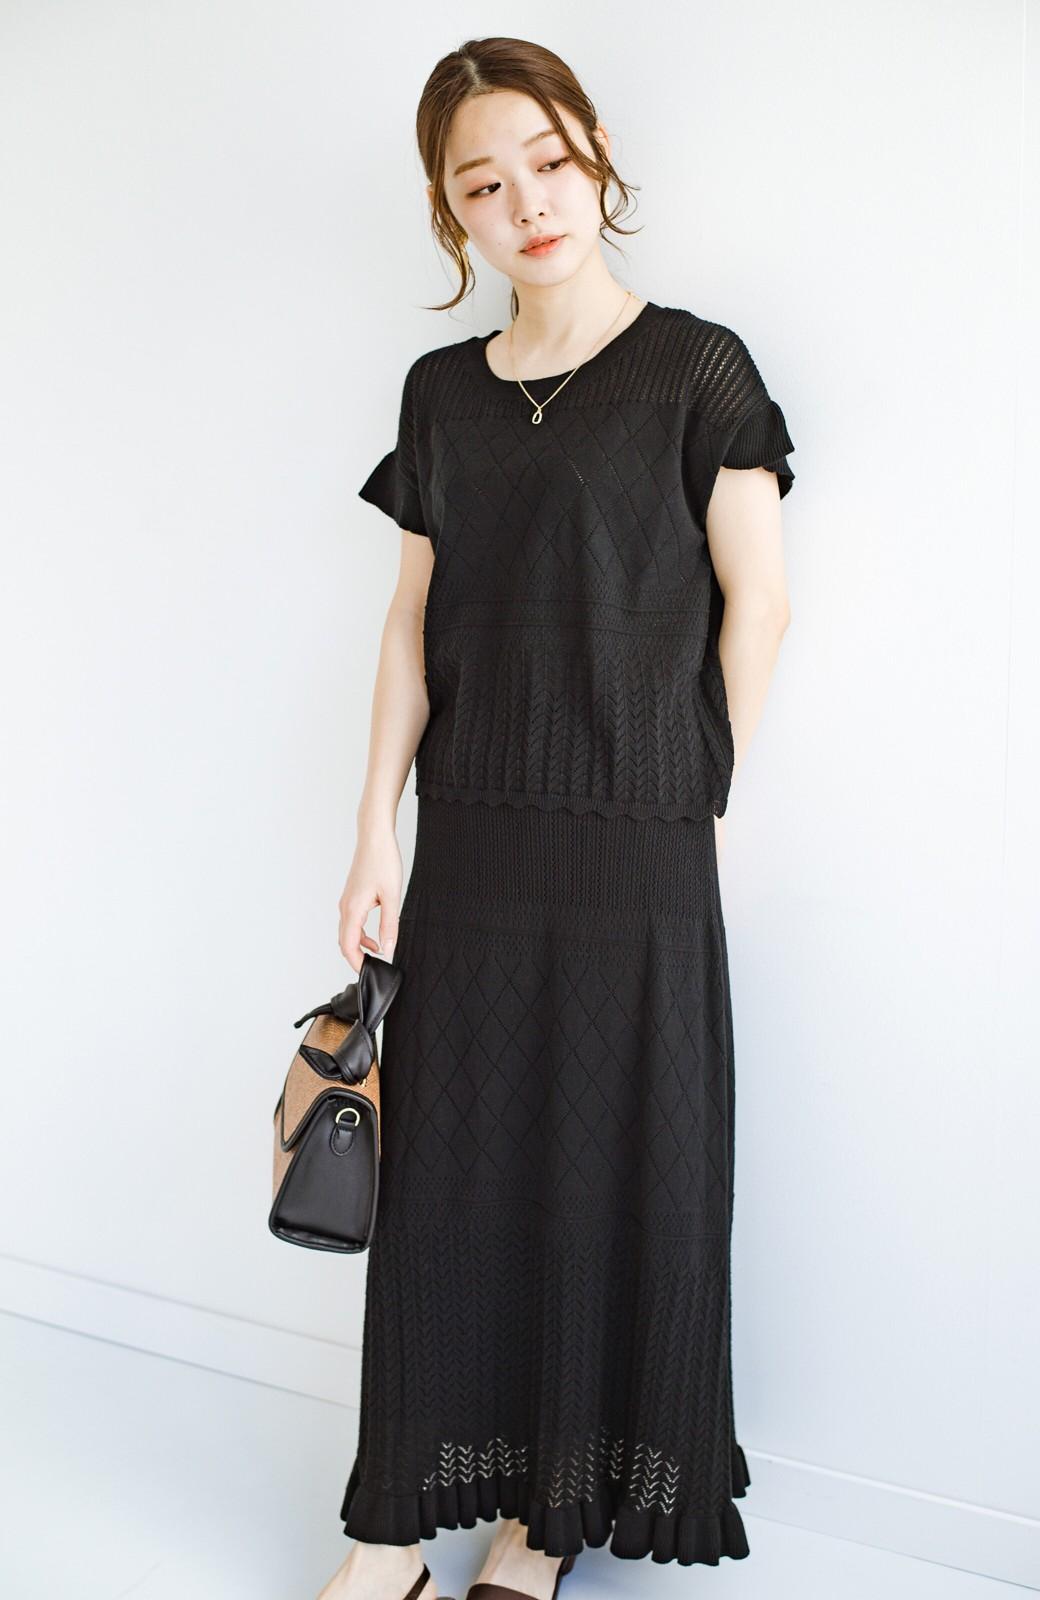 haco! (φ)透けすぎないから安心して着られる 華やか透かし編みニットトップス <ブラック>の商品写真19